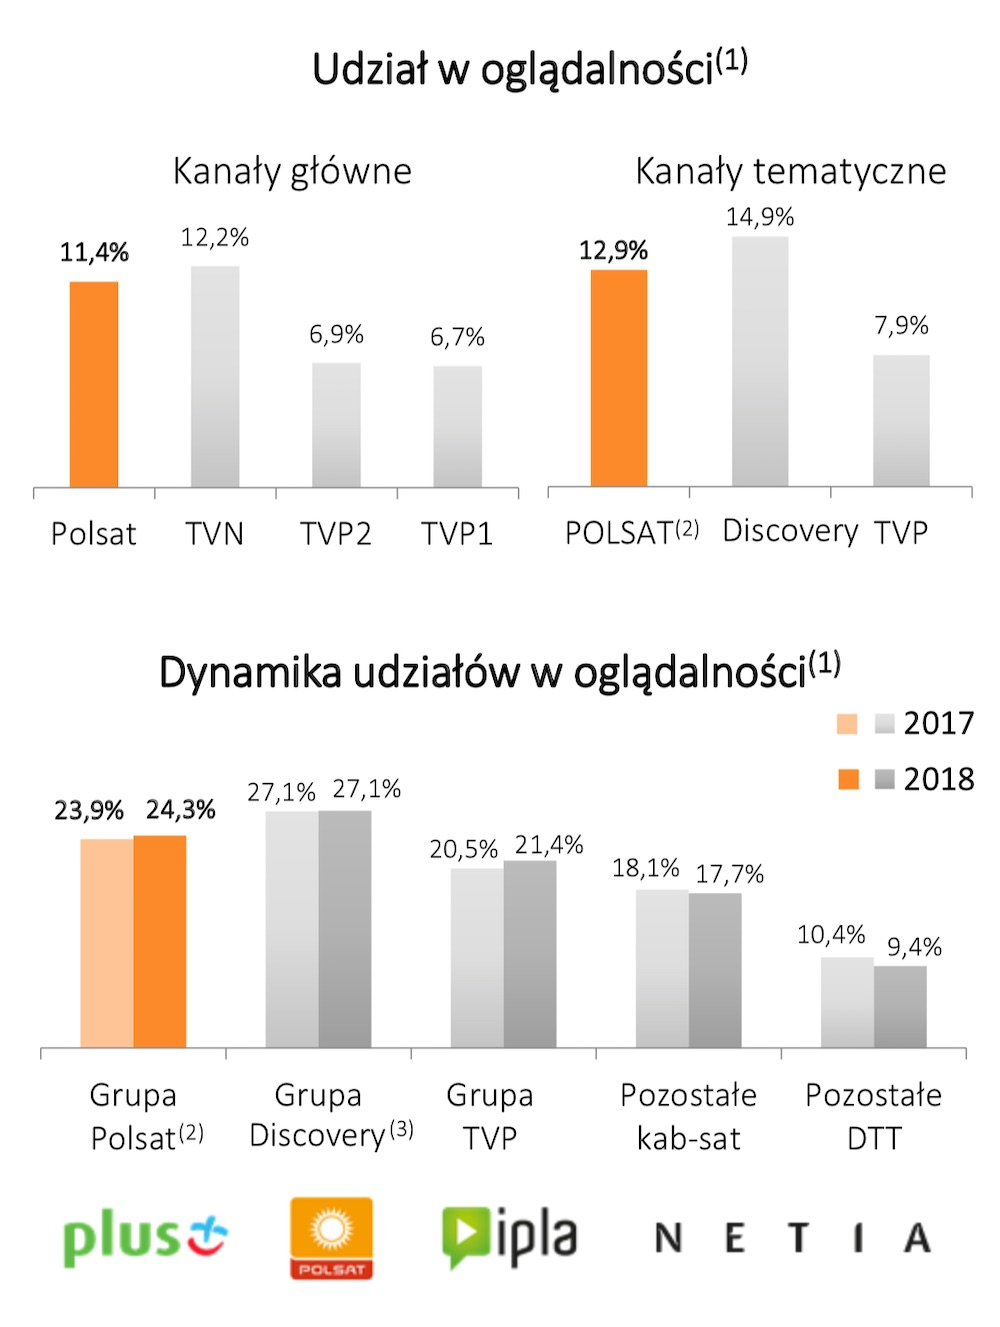 Grupa Cyfrowy Polsat Plus Plush Polkomtel wyniki finansowe 2018 5